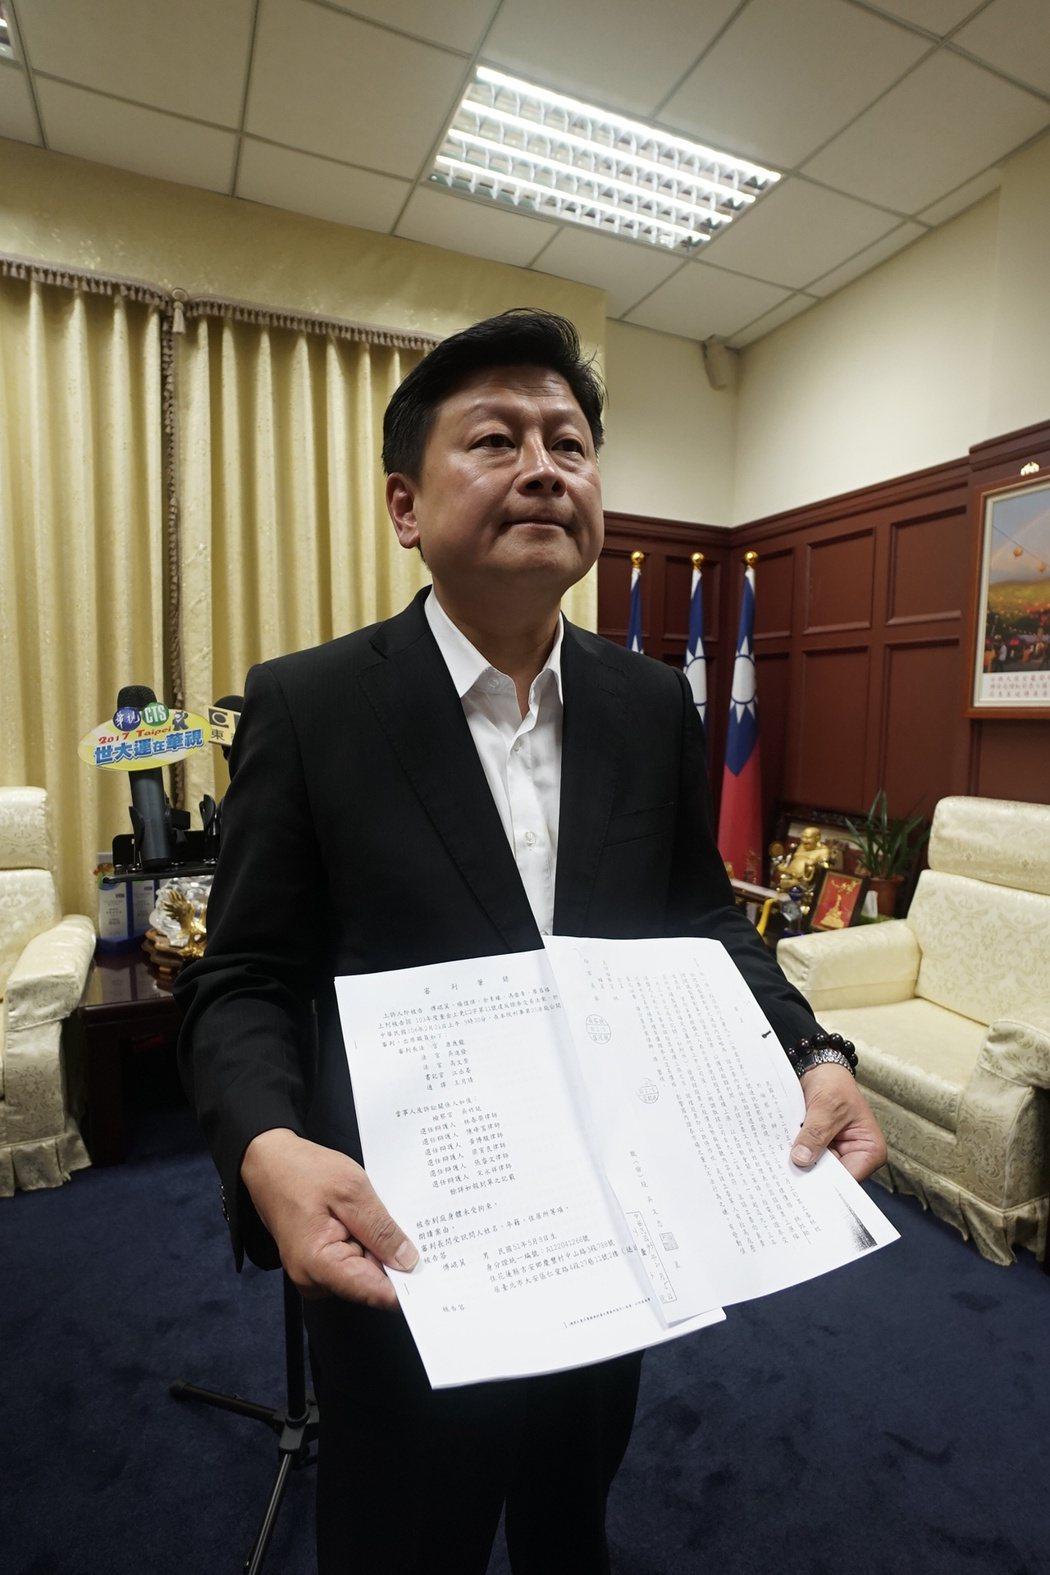 傅崐萁公布審判筆錄,指遭受司法迫害,他會上訴到底。記者王燕華/攝影